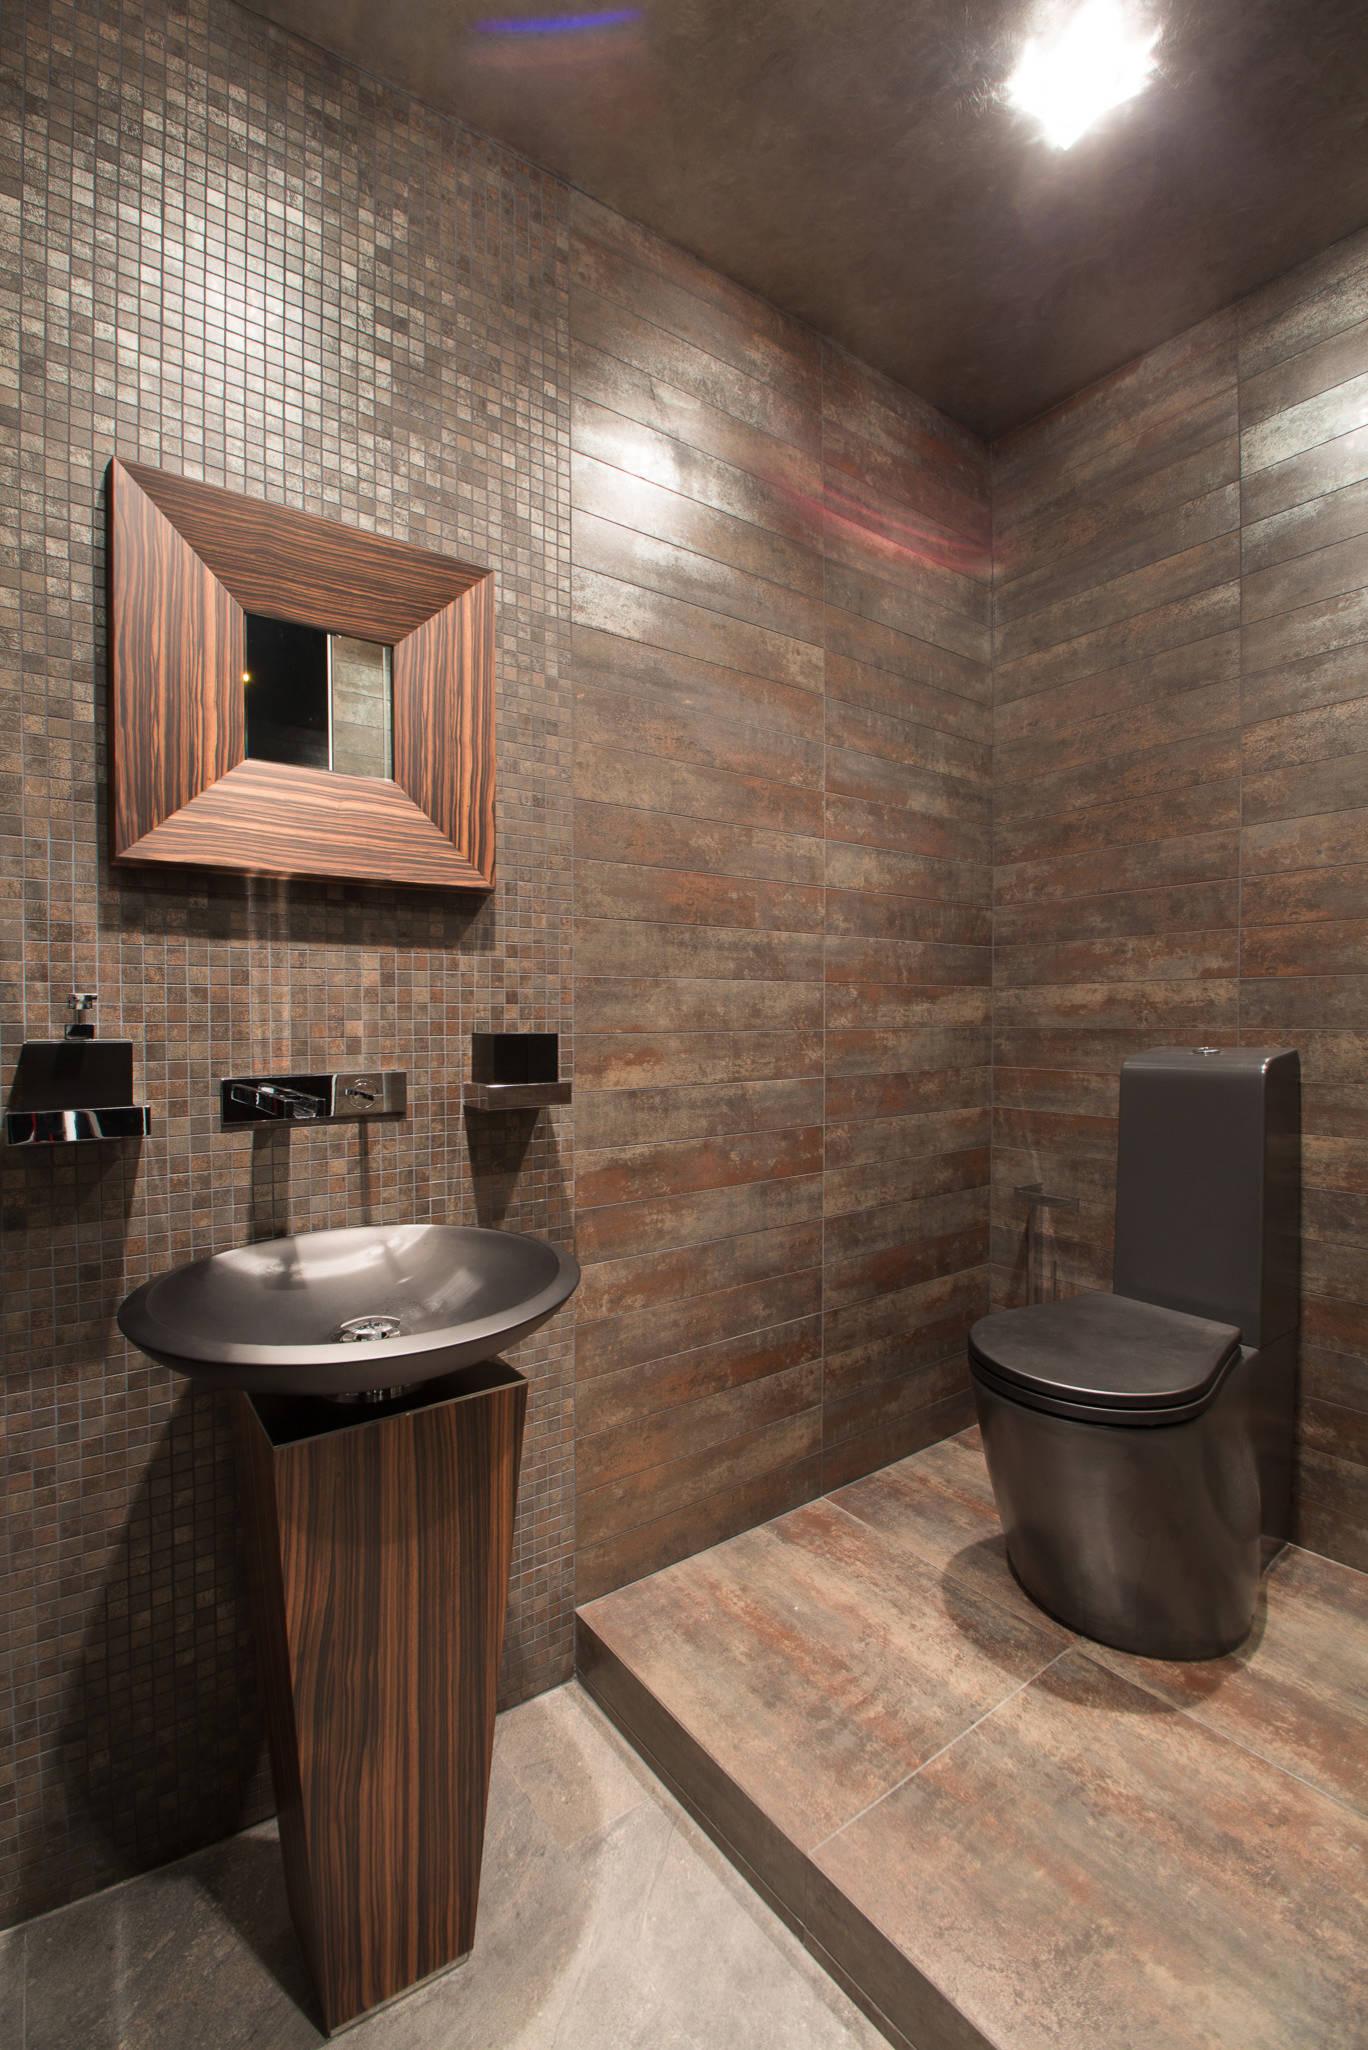 Стильная темно-коричневая плитка в ванной комнате с черным унитазом и черной раковиной